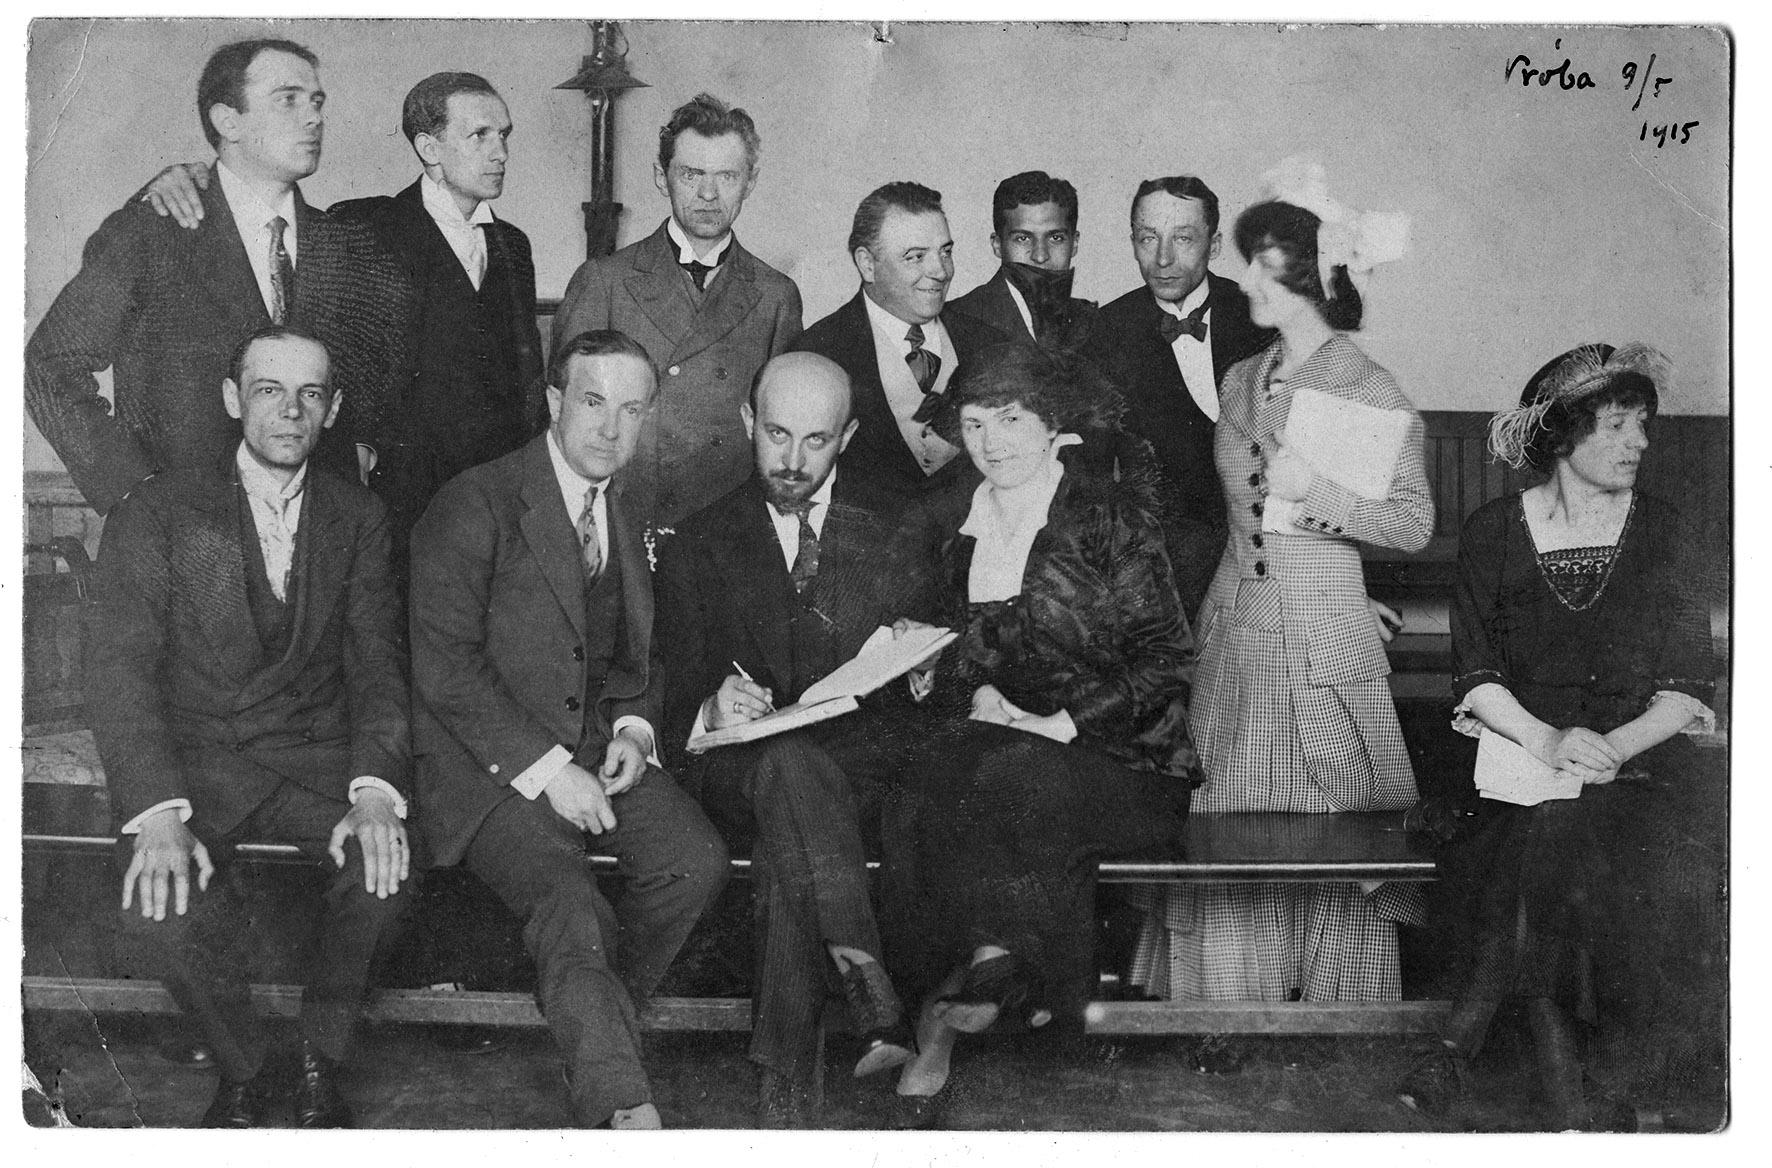 Z teatrem lwowskim w 1915 r. Makuszyński siedzi (trzeci od lewej) w dolnym rzędzie (fotografie pochodzą ze zbiorów Muzeum Tatrzańskiego im. dra Tytusa Chałubińskiego w Zakopanem) Muzeum Tatrzańskie im. Dra Tytusa Chałubińskiego w Zakopanem